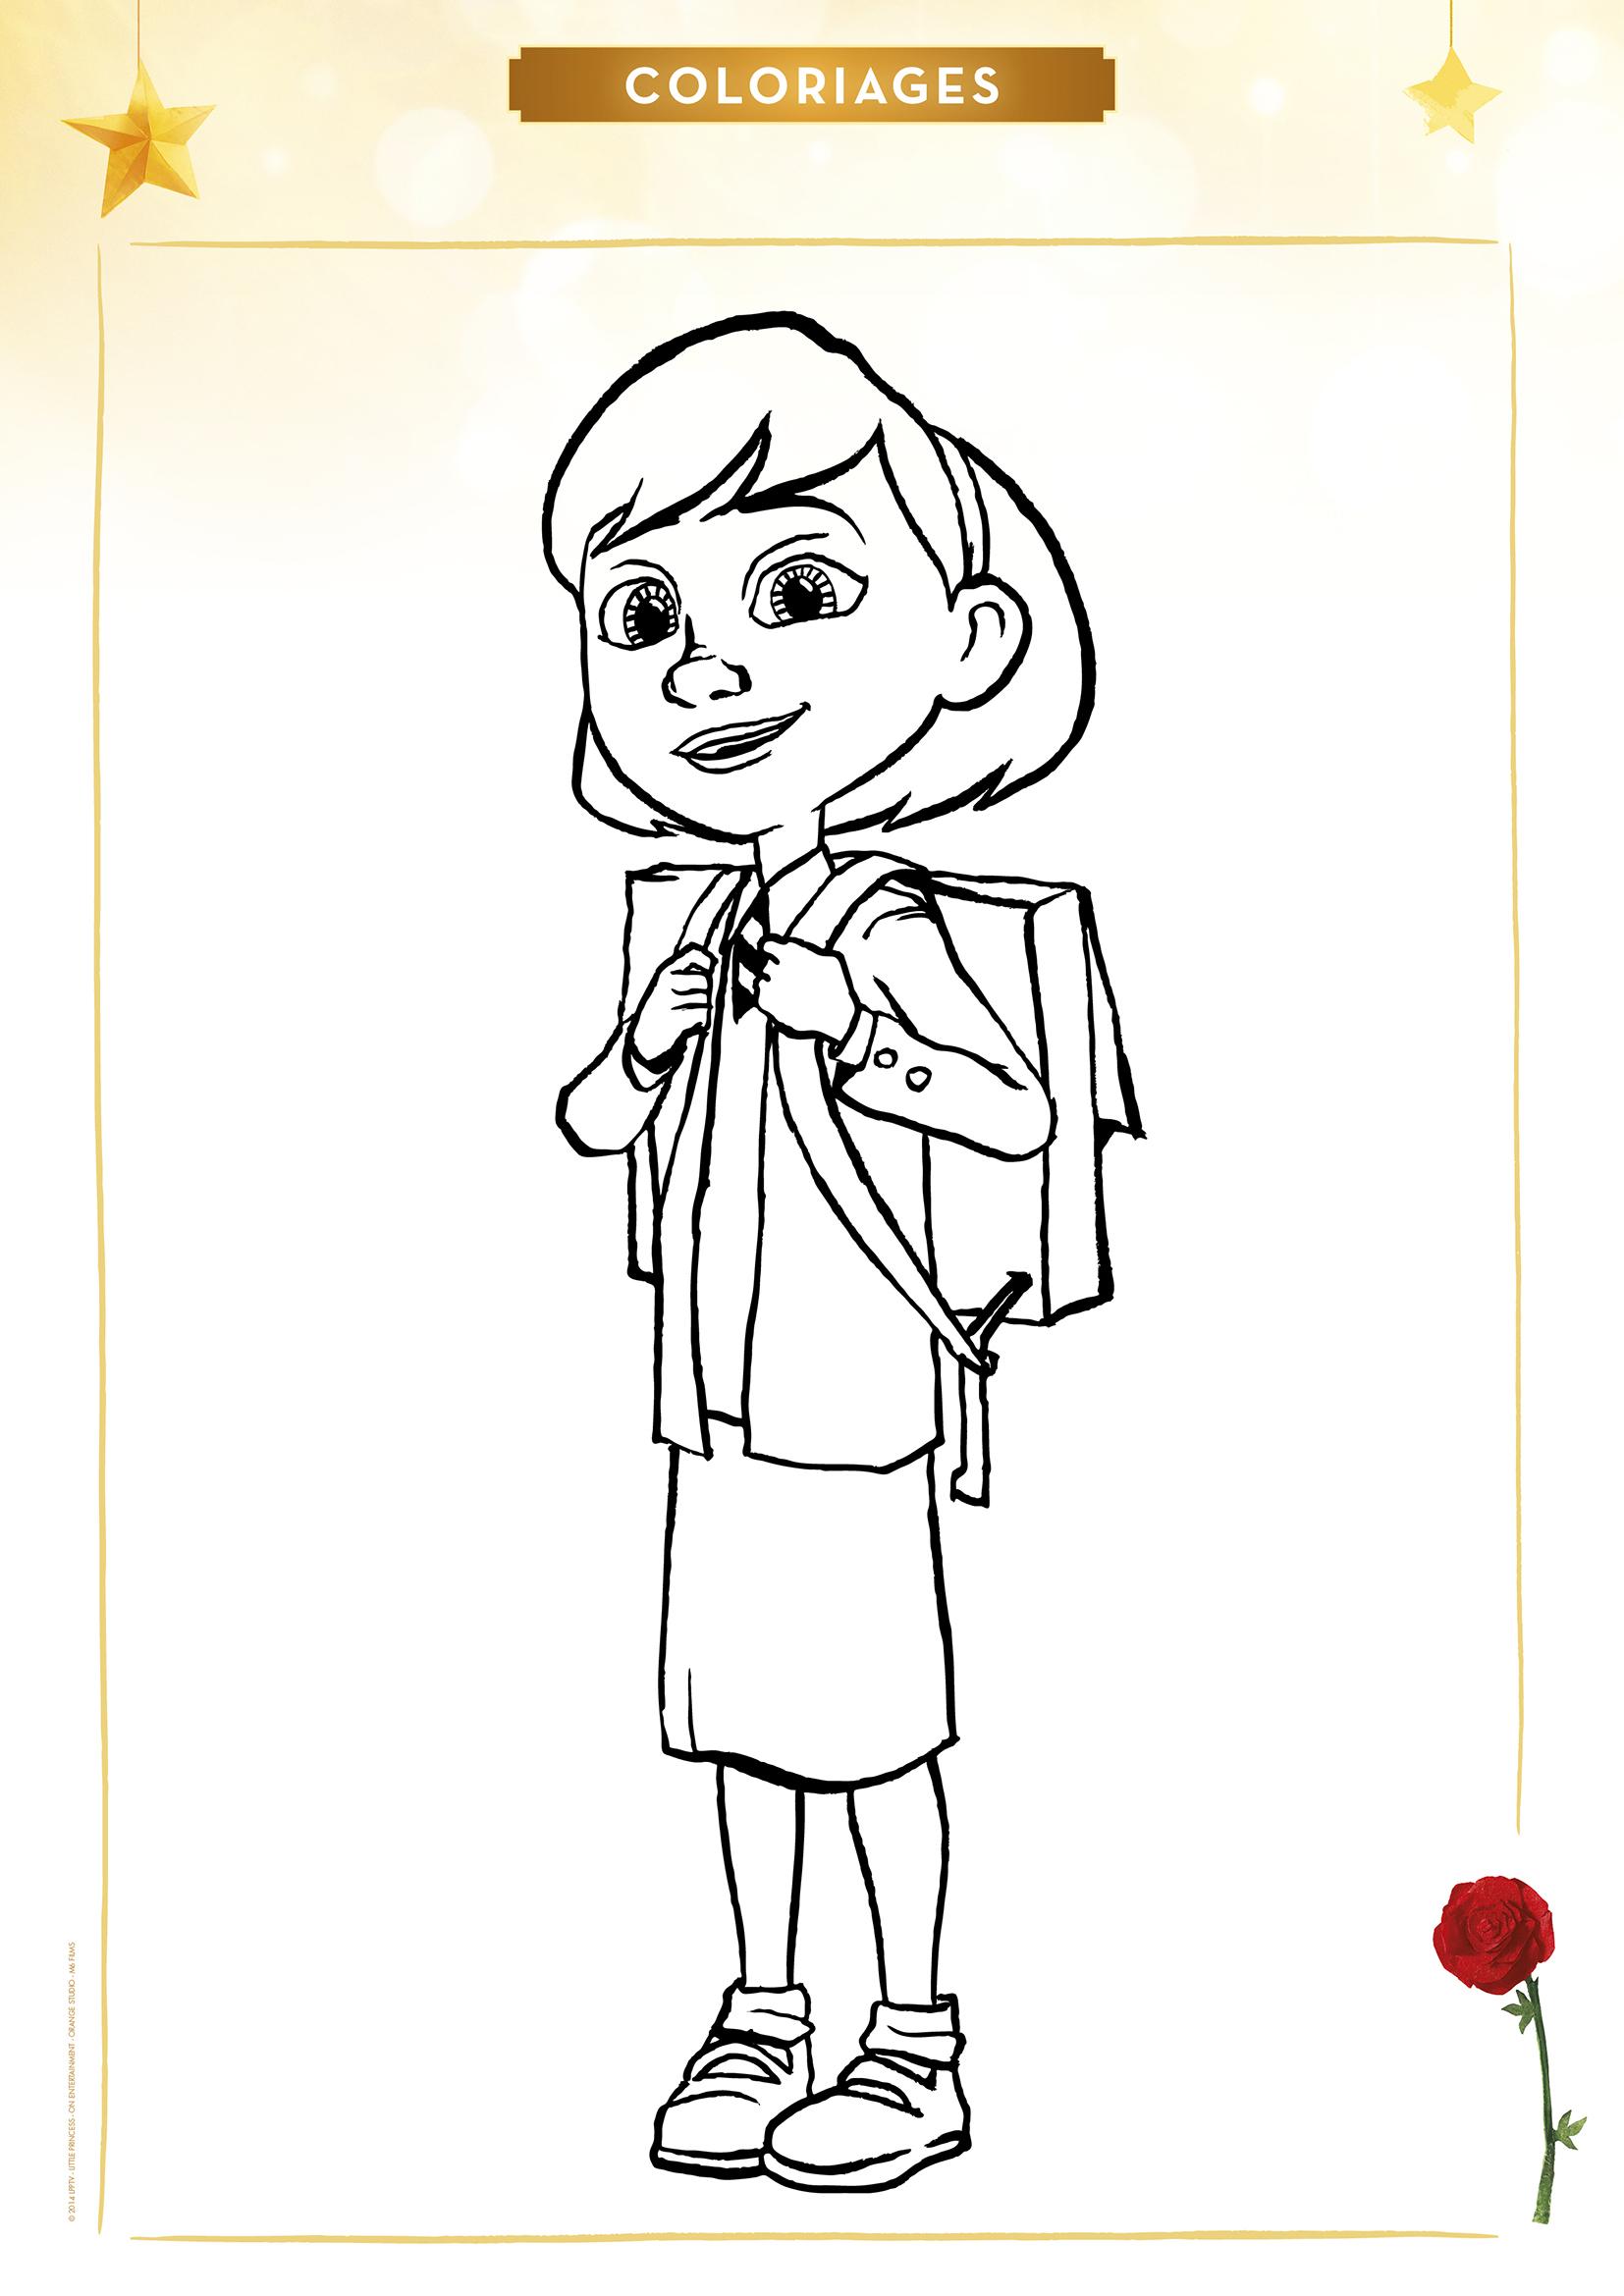 Coloriage La Petite Fille À L'école - Momes encequiconcerne Personnage A Colorier